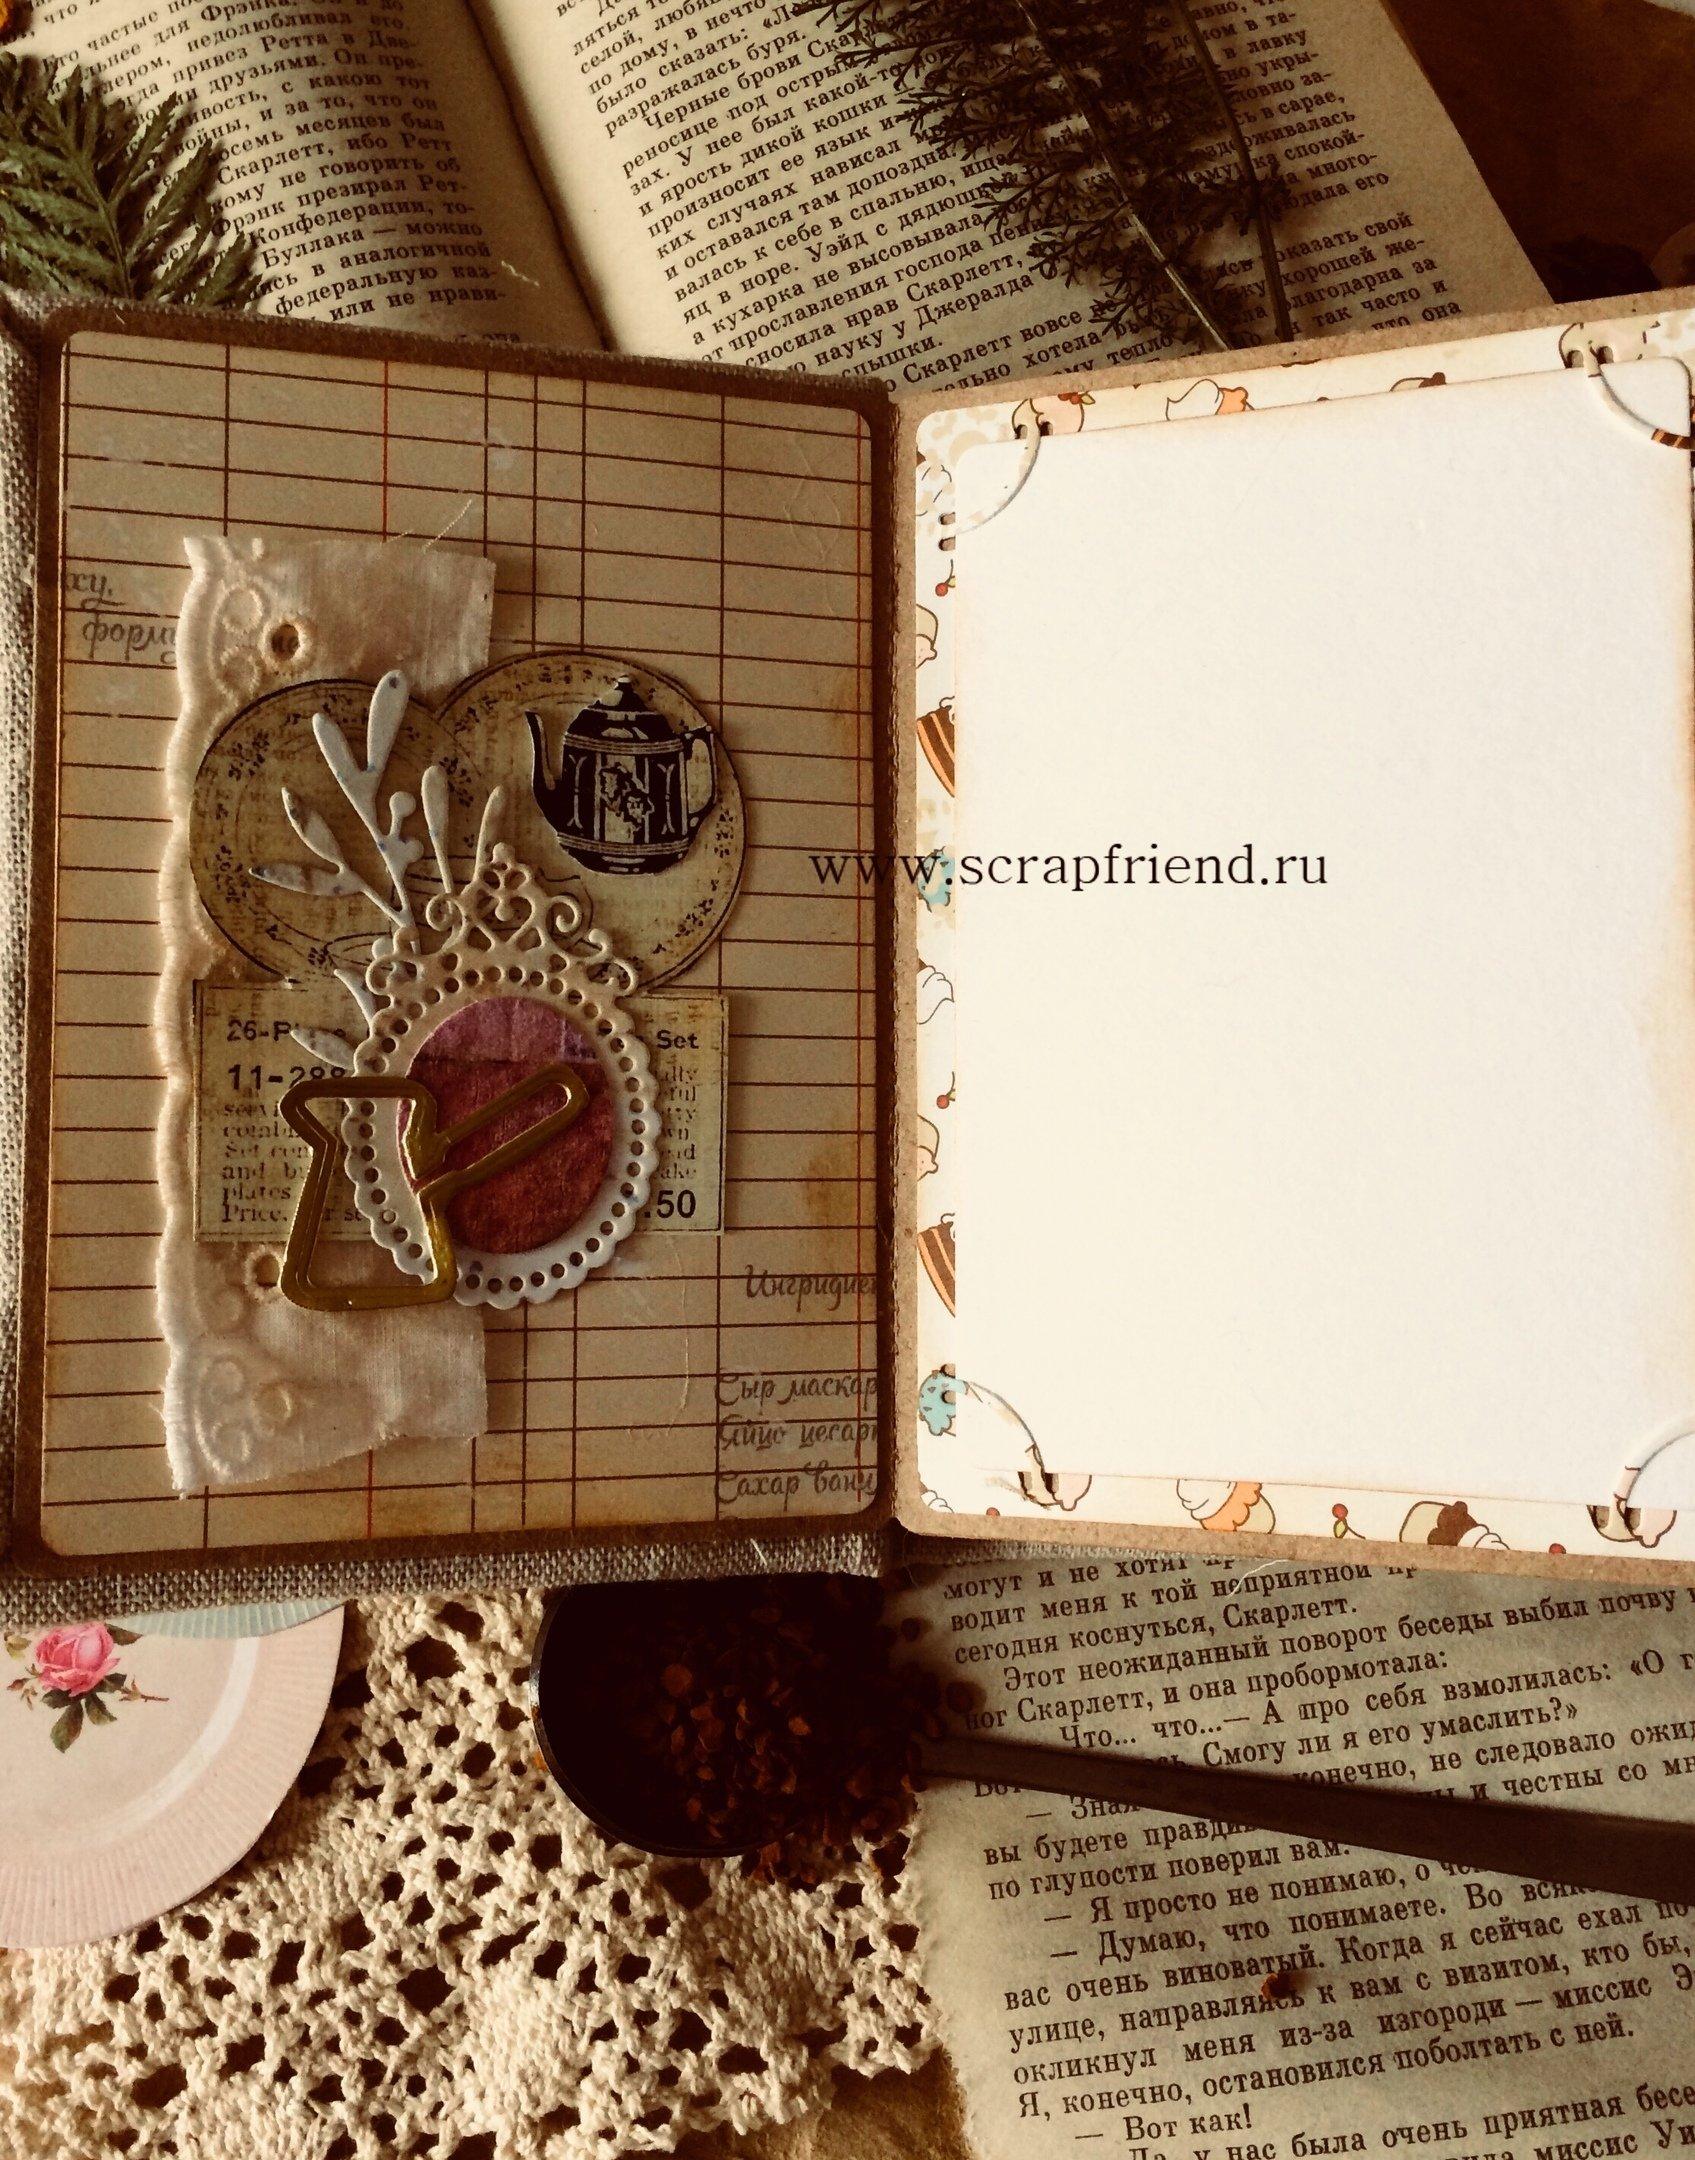 Автор работы Татьяна Князева